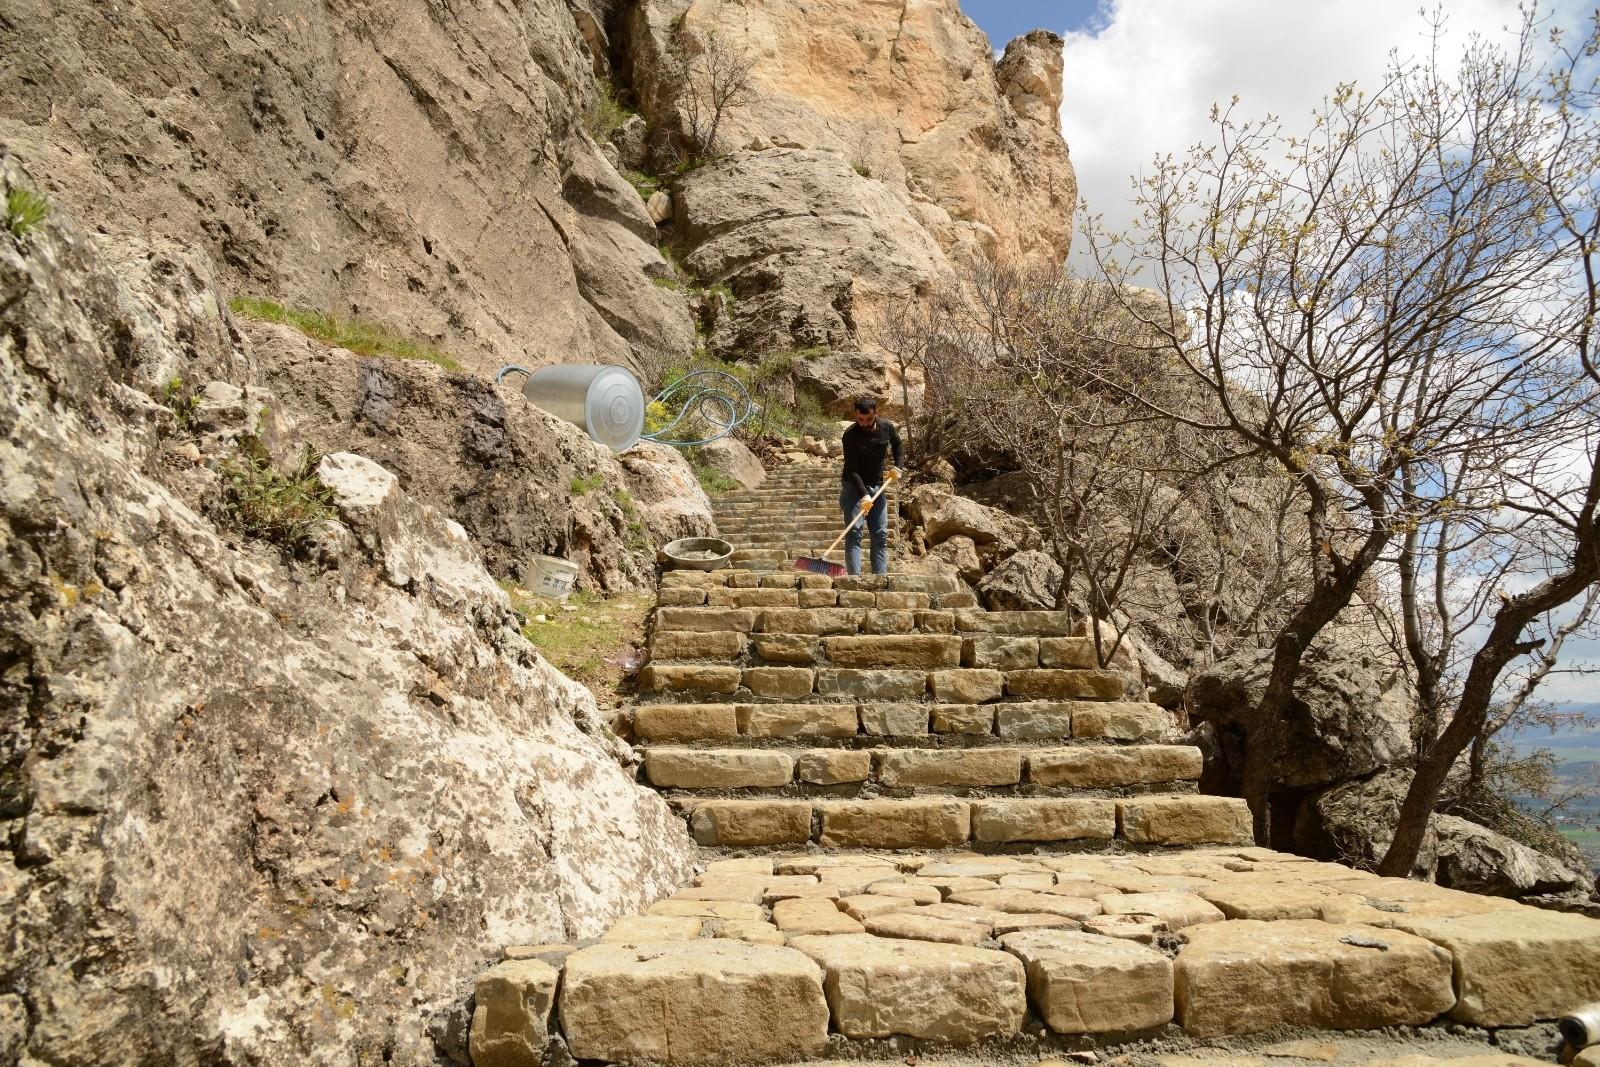 Tarih, kültür ve doğa iç içe! Ashab-ı Kehf turizme kazandırılıyor